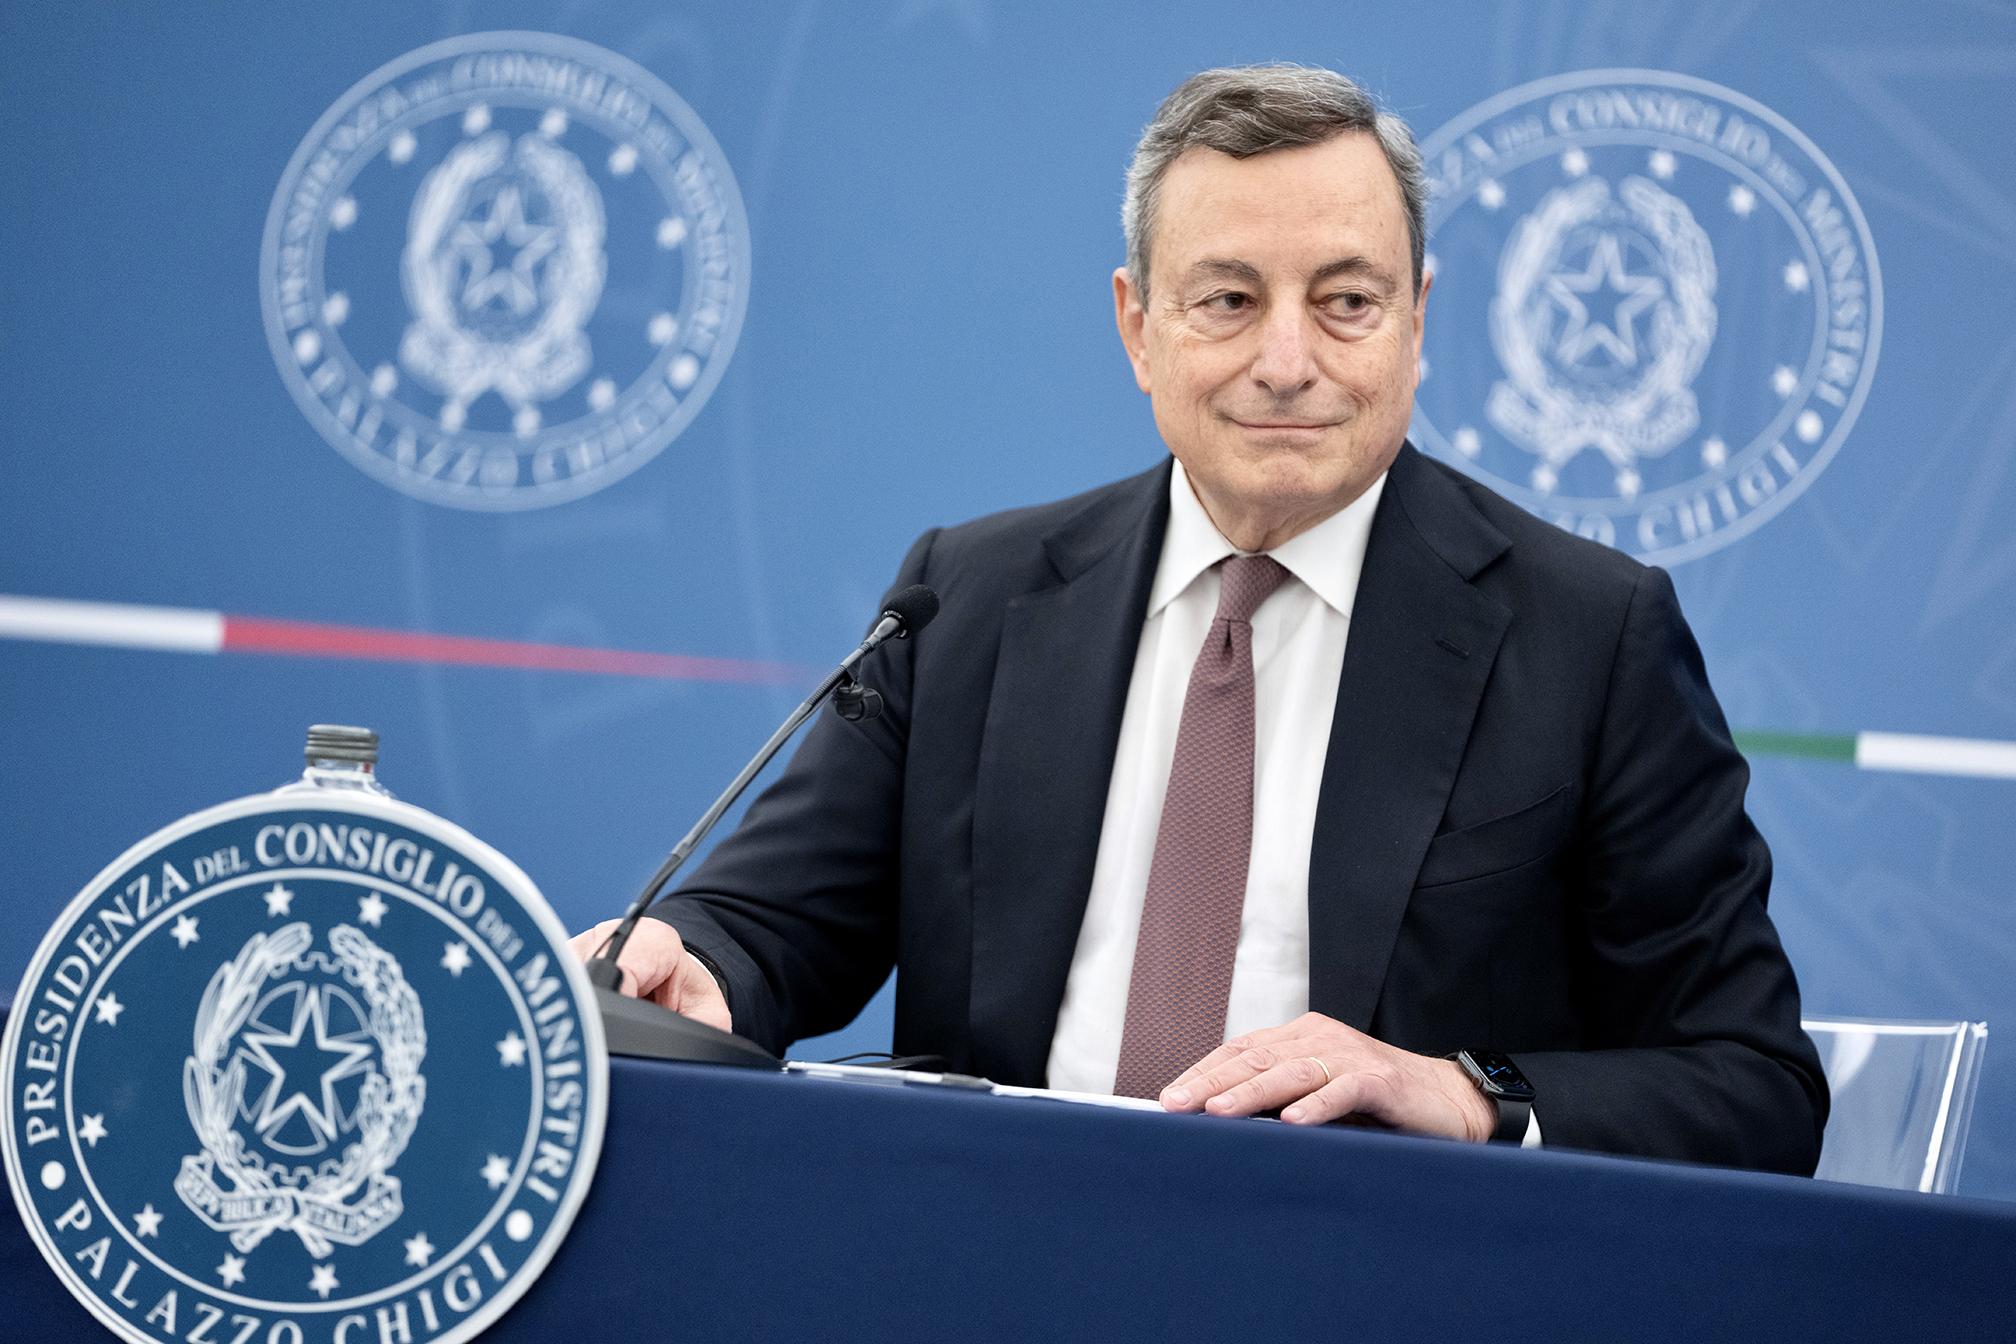 Estensione Green pass e obbligo vaccinale: il piano del Governo Draghi